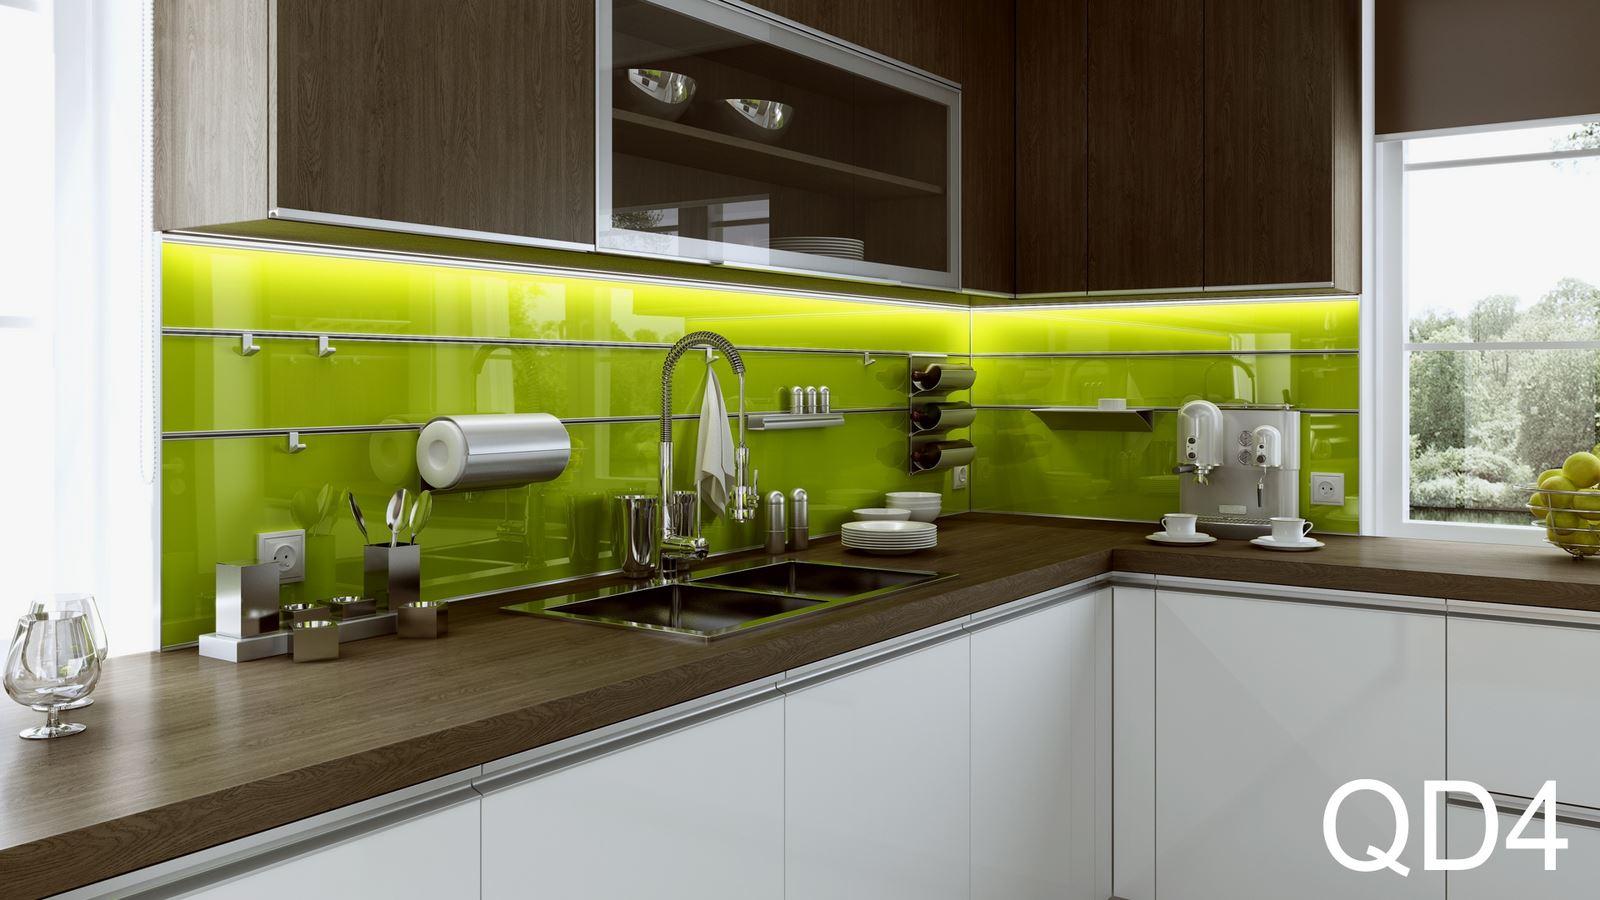 Full Size of Nischenrückwand Küche Weiß Rückwand Küche Nachträglich Rückwand Küche Alu Dibond Rückwand Küche Montage Küche Nischenrückwand Küche